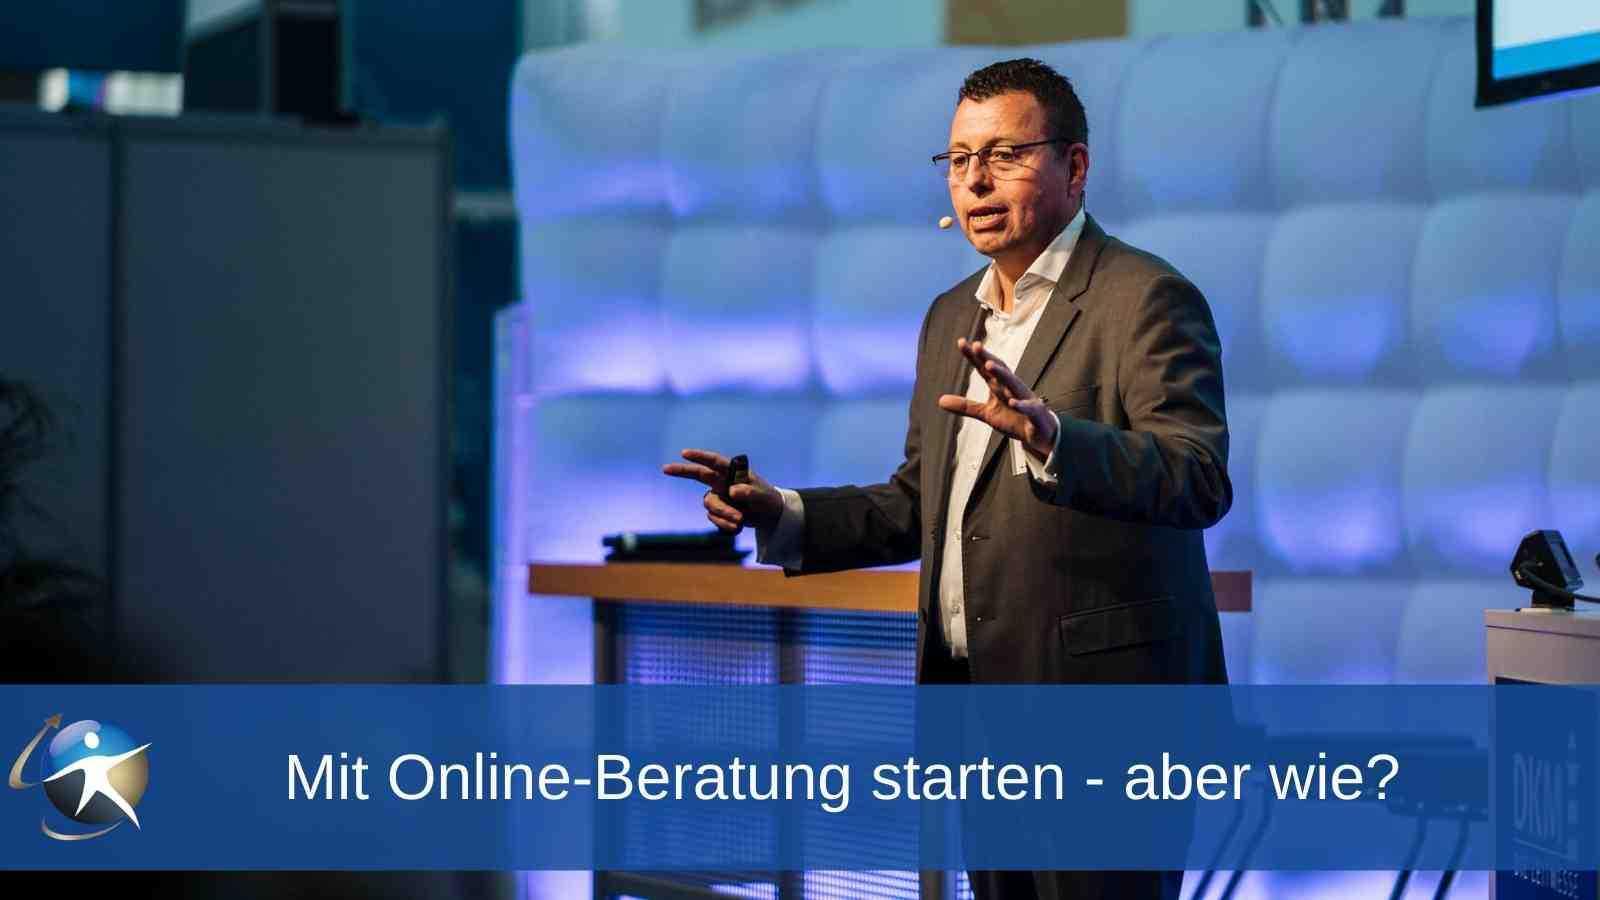 Mit Online-Beratung starten - aber wie